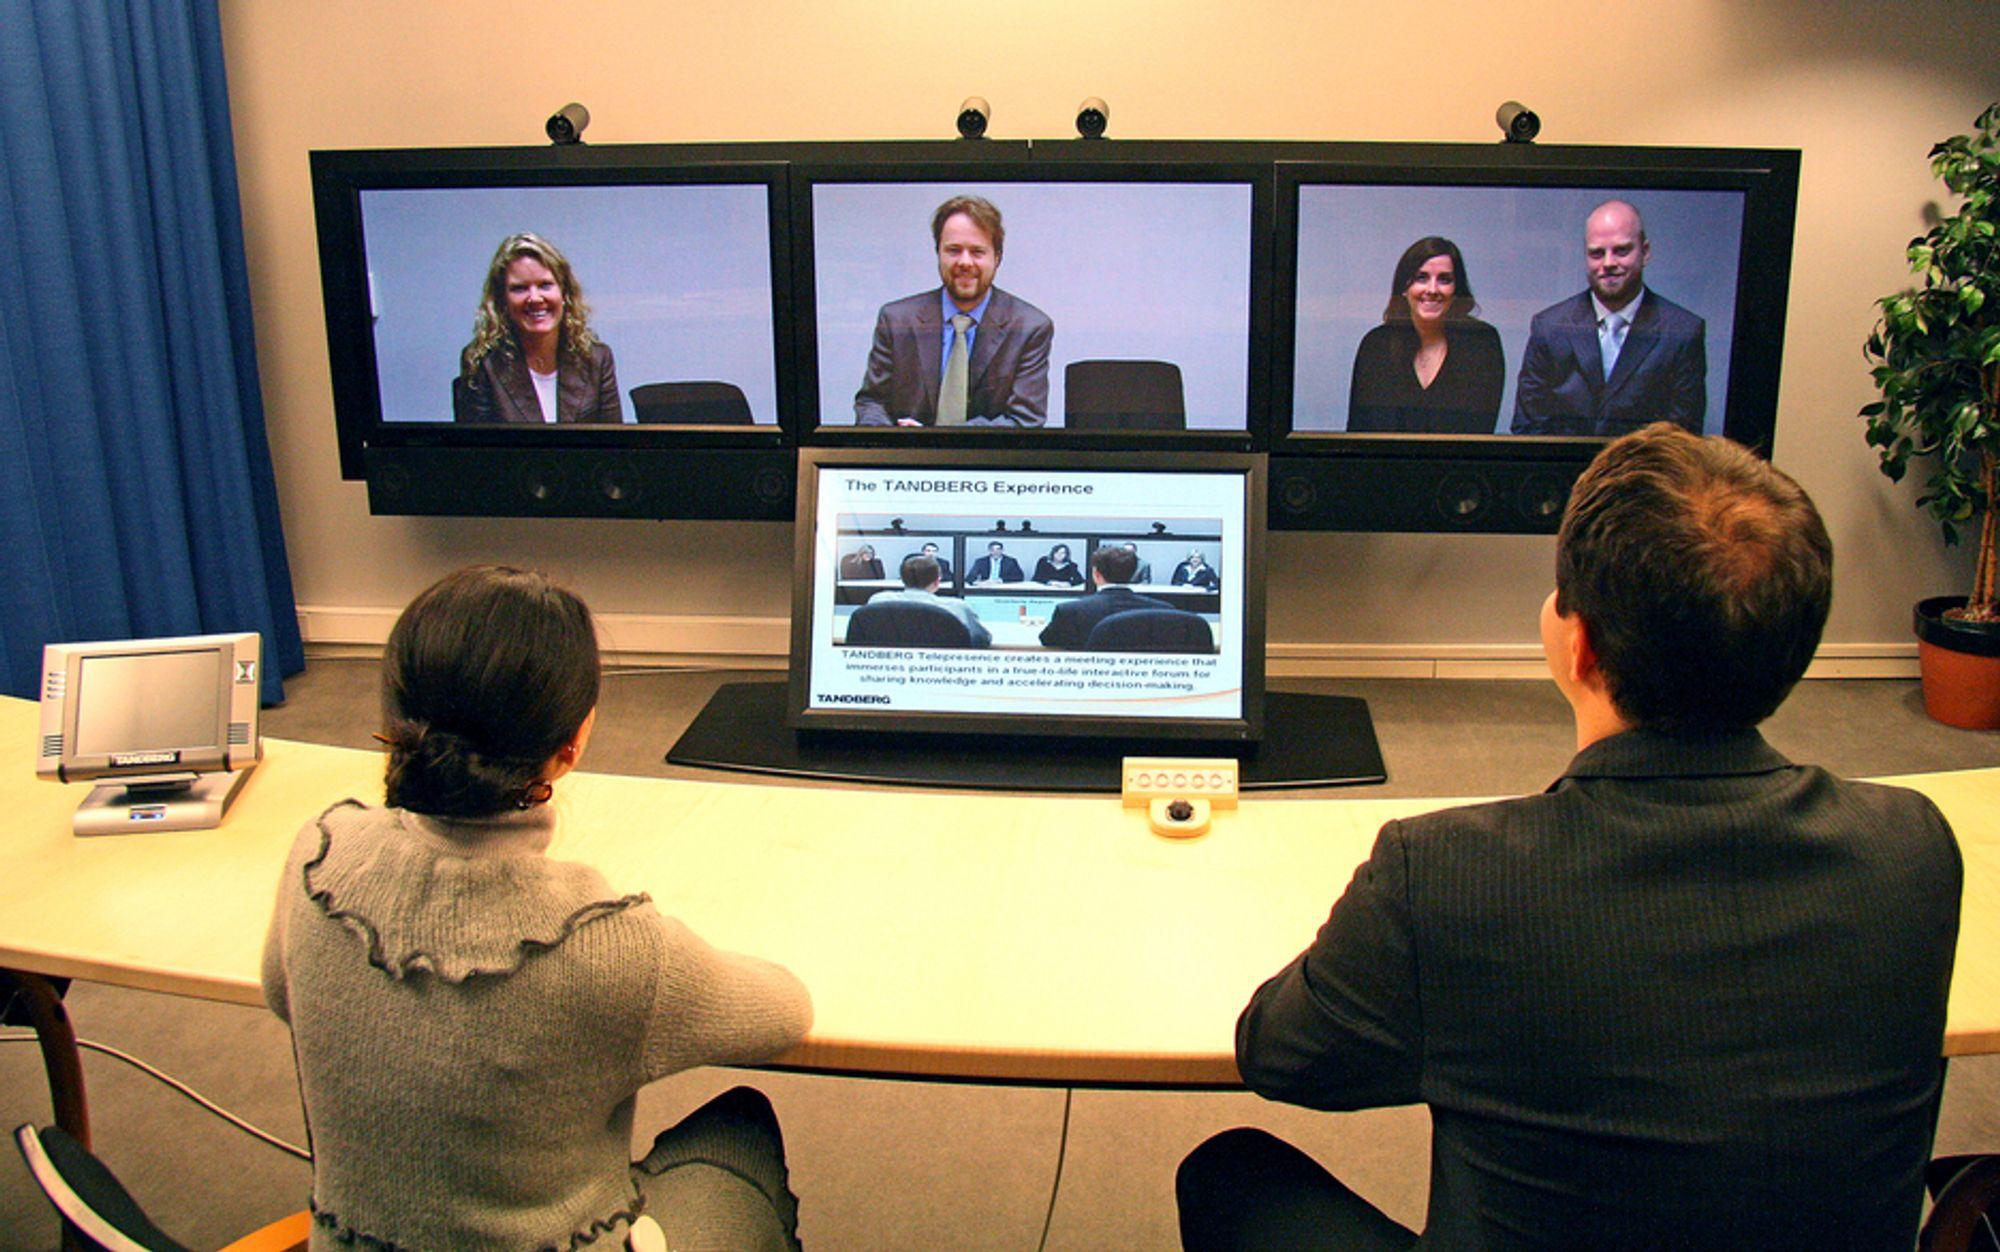 FJERNMØTE: Tandbergs nye høyoppløselige videokonferansesystem gir møteromsopplevelse over kontinentene.